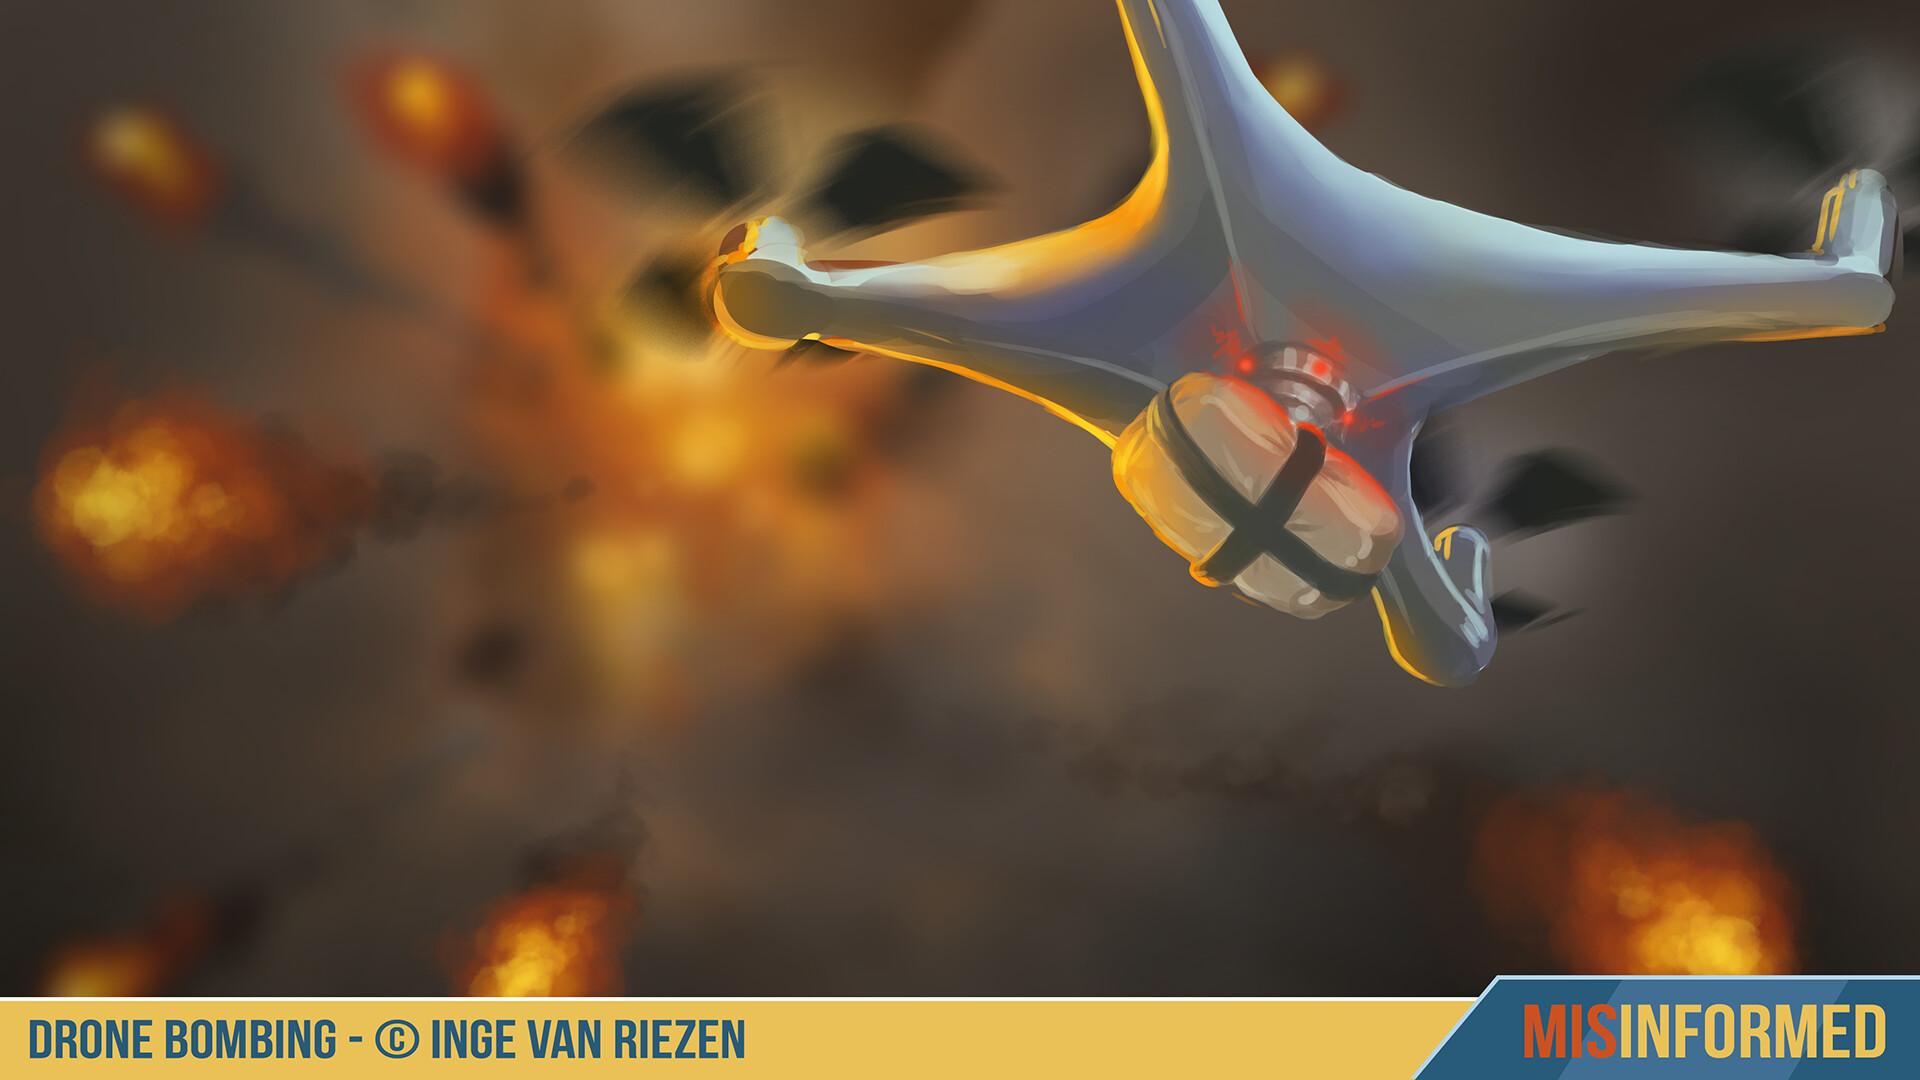 inge-van-riezen-drone-bombing.jpg